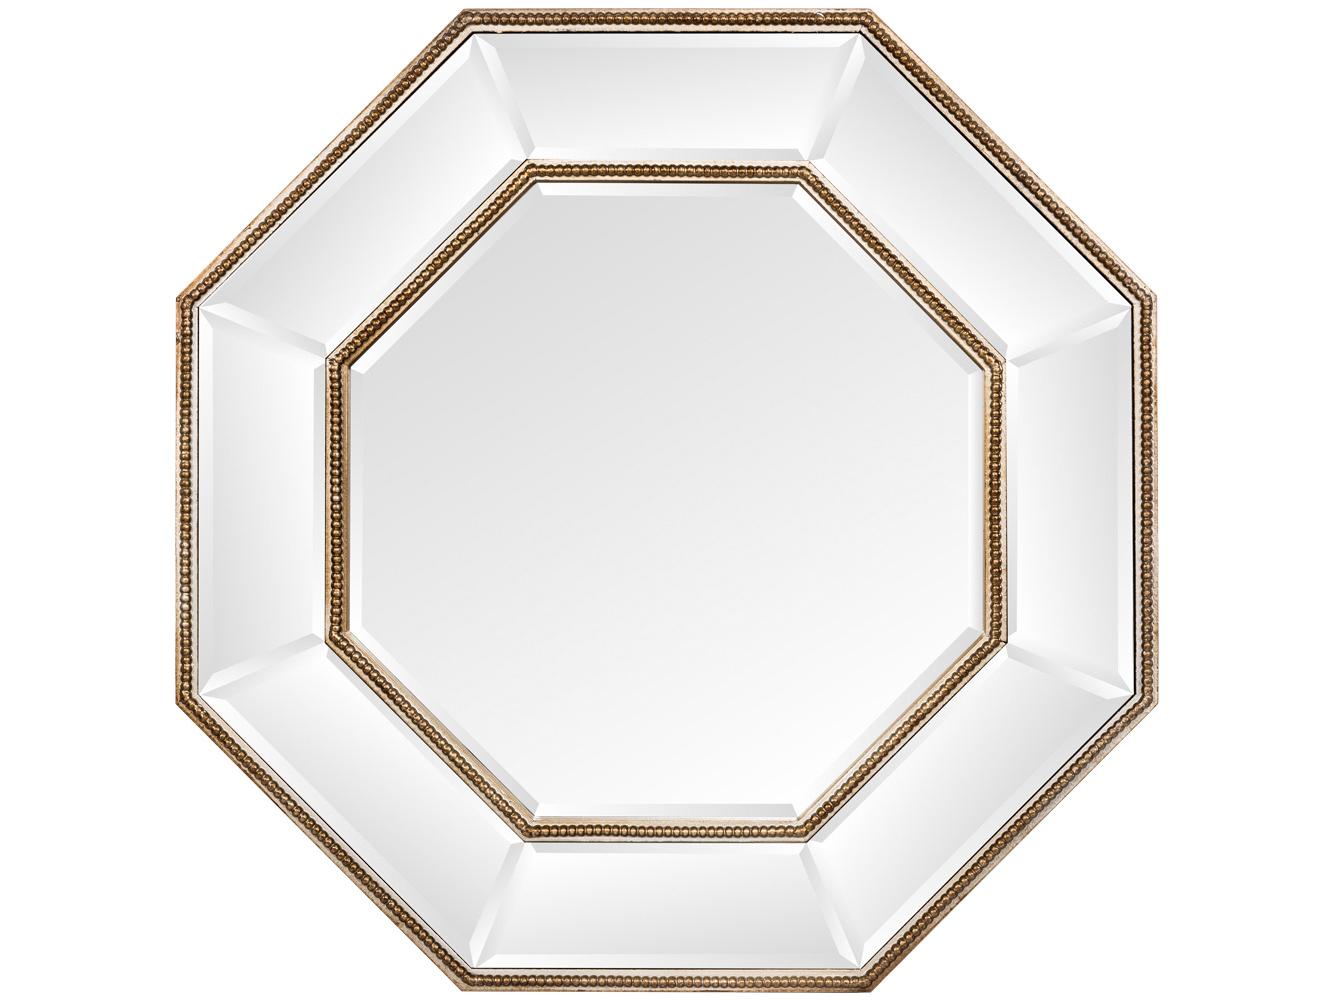 Настенное зеркало «Арлетт»Настенные зеркала<br>Зеркало &amp;quot;Арлетт&amp;quot; обладает симметричной формой. Его рама покрыта зеркальным слоем и отделана цепочкой золотистых бусин. Широкая фацетная грань делает отражение глубоким и объемным. Форма зеркала – октаэдр – означает равновесие и порядок. Толщина зеркального полотна составляет 4 мм. Зеркало обладает идеально ровной поверхностью, не боится влаги.<br><br>Material: МДФ<br>Ширина см: 71.5<br>Высота см: 71.5<br>Глубина см: 5.0